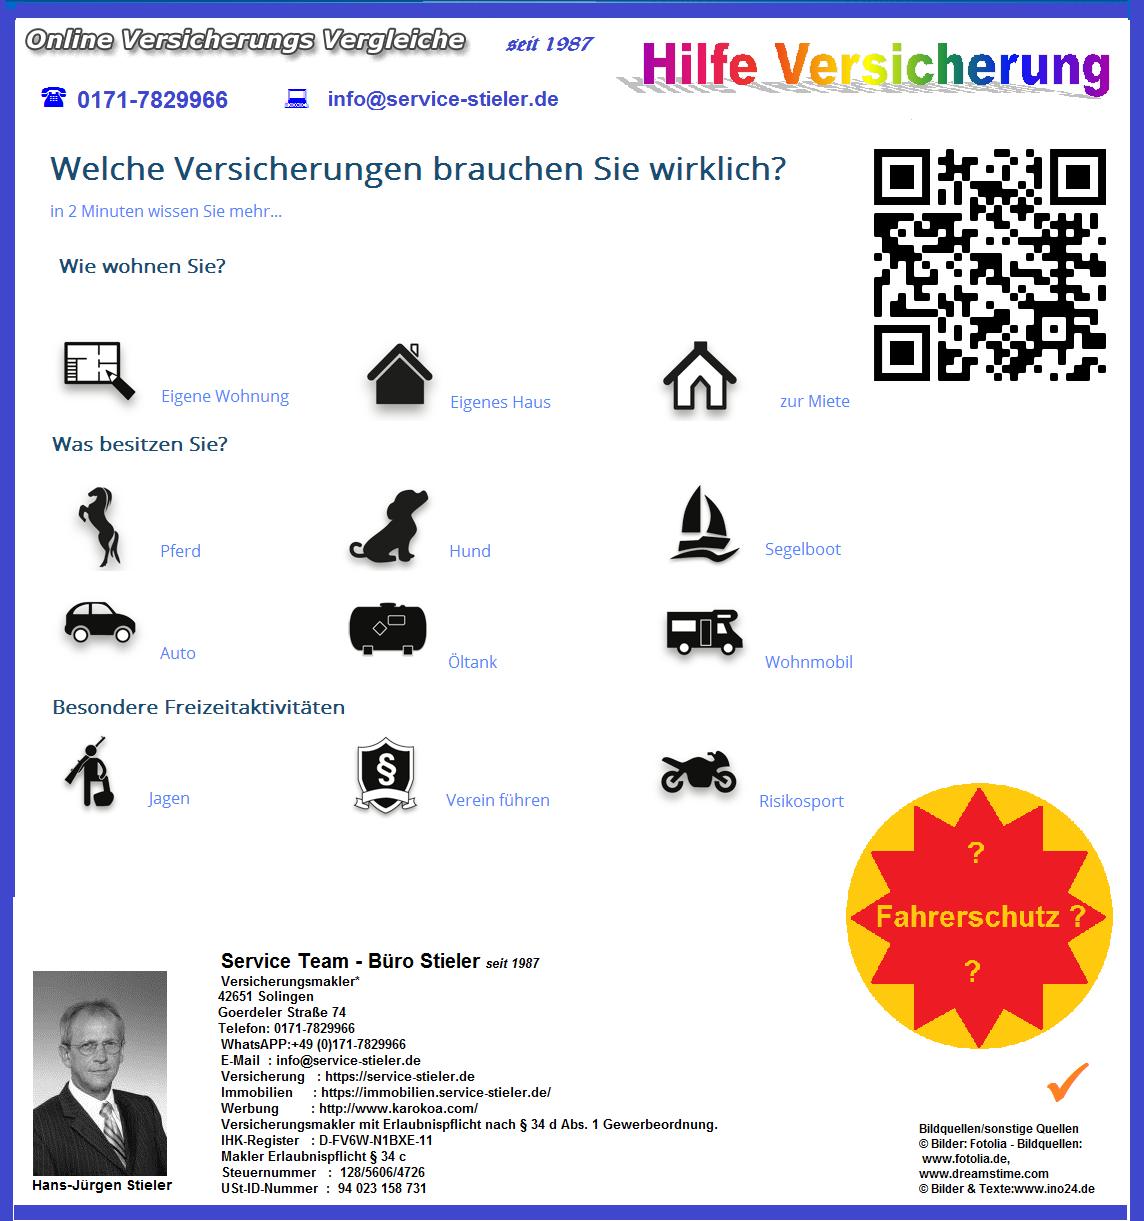 #Check #Bedarfsanalyse Welche Versicherungen brauchen Sie wirklich?  In 2 Minuten wissen Sie mehr..  http://service-stieler.de/Check.html